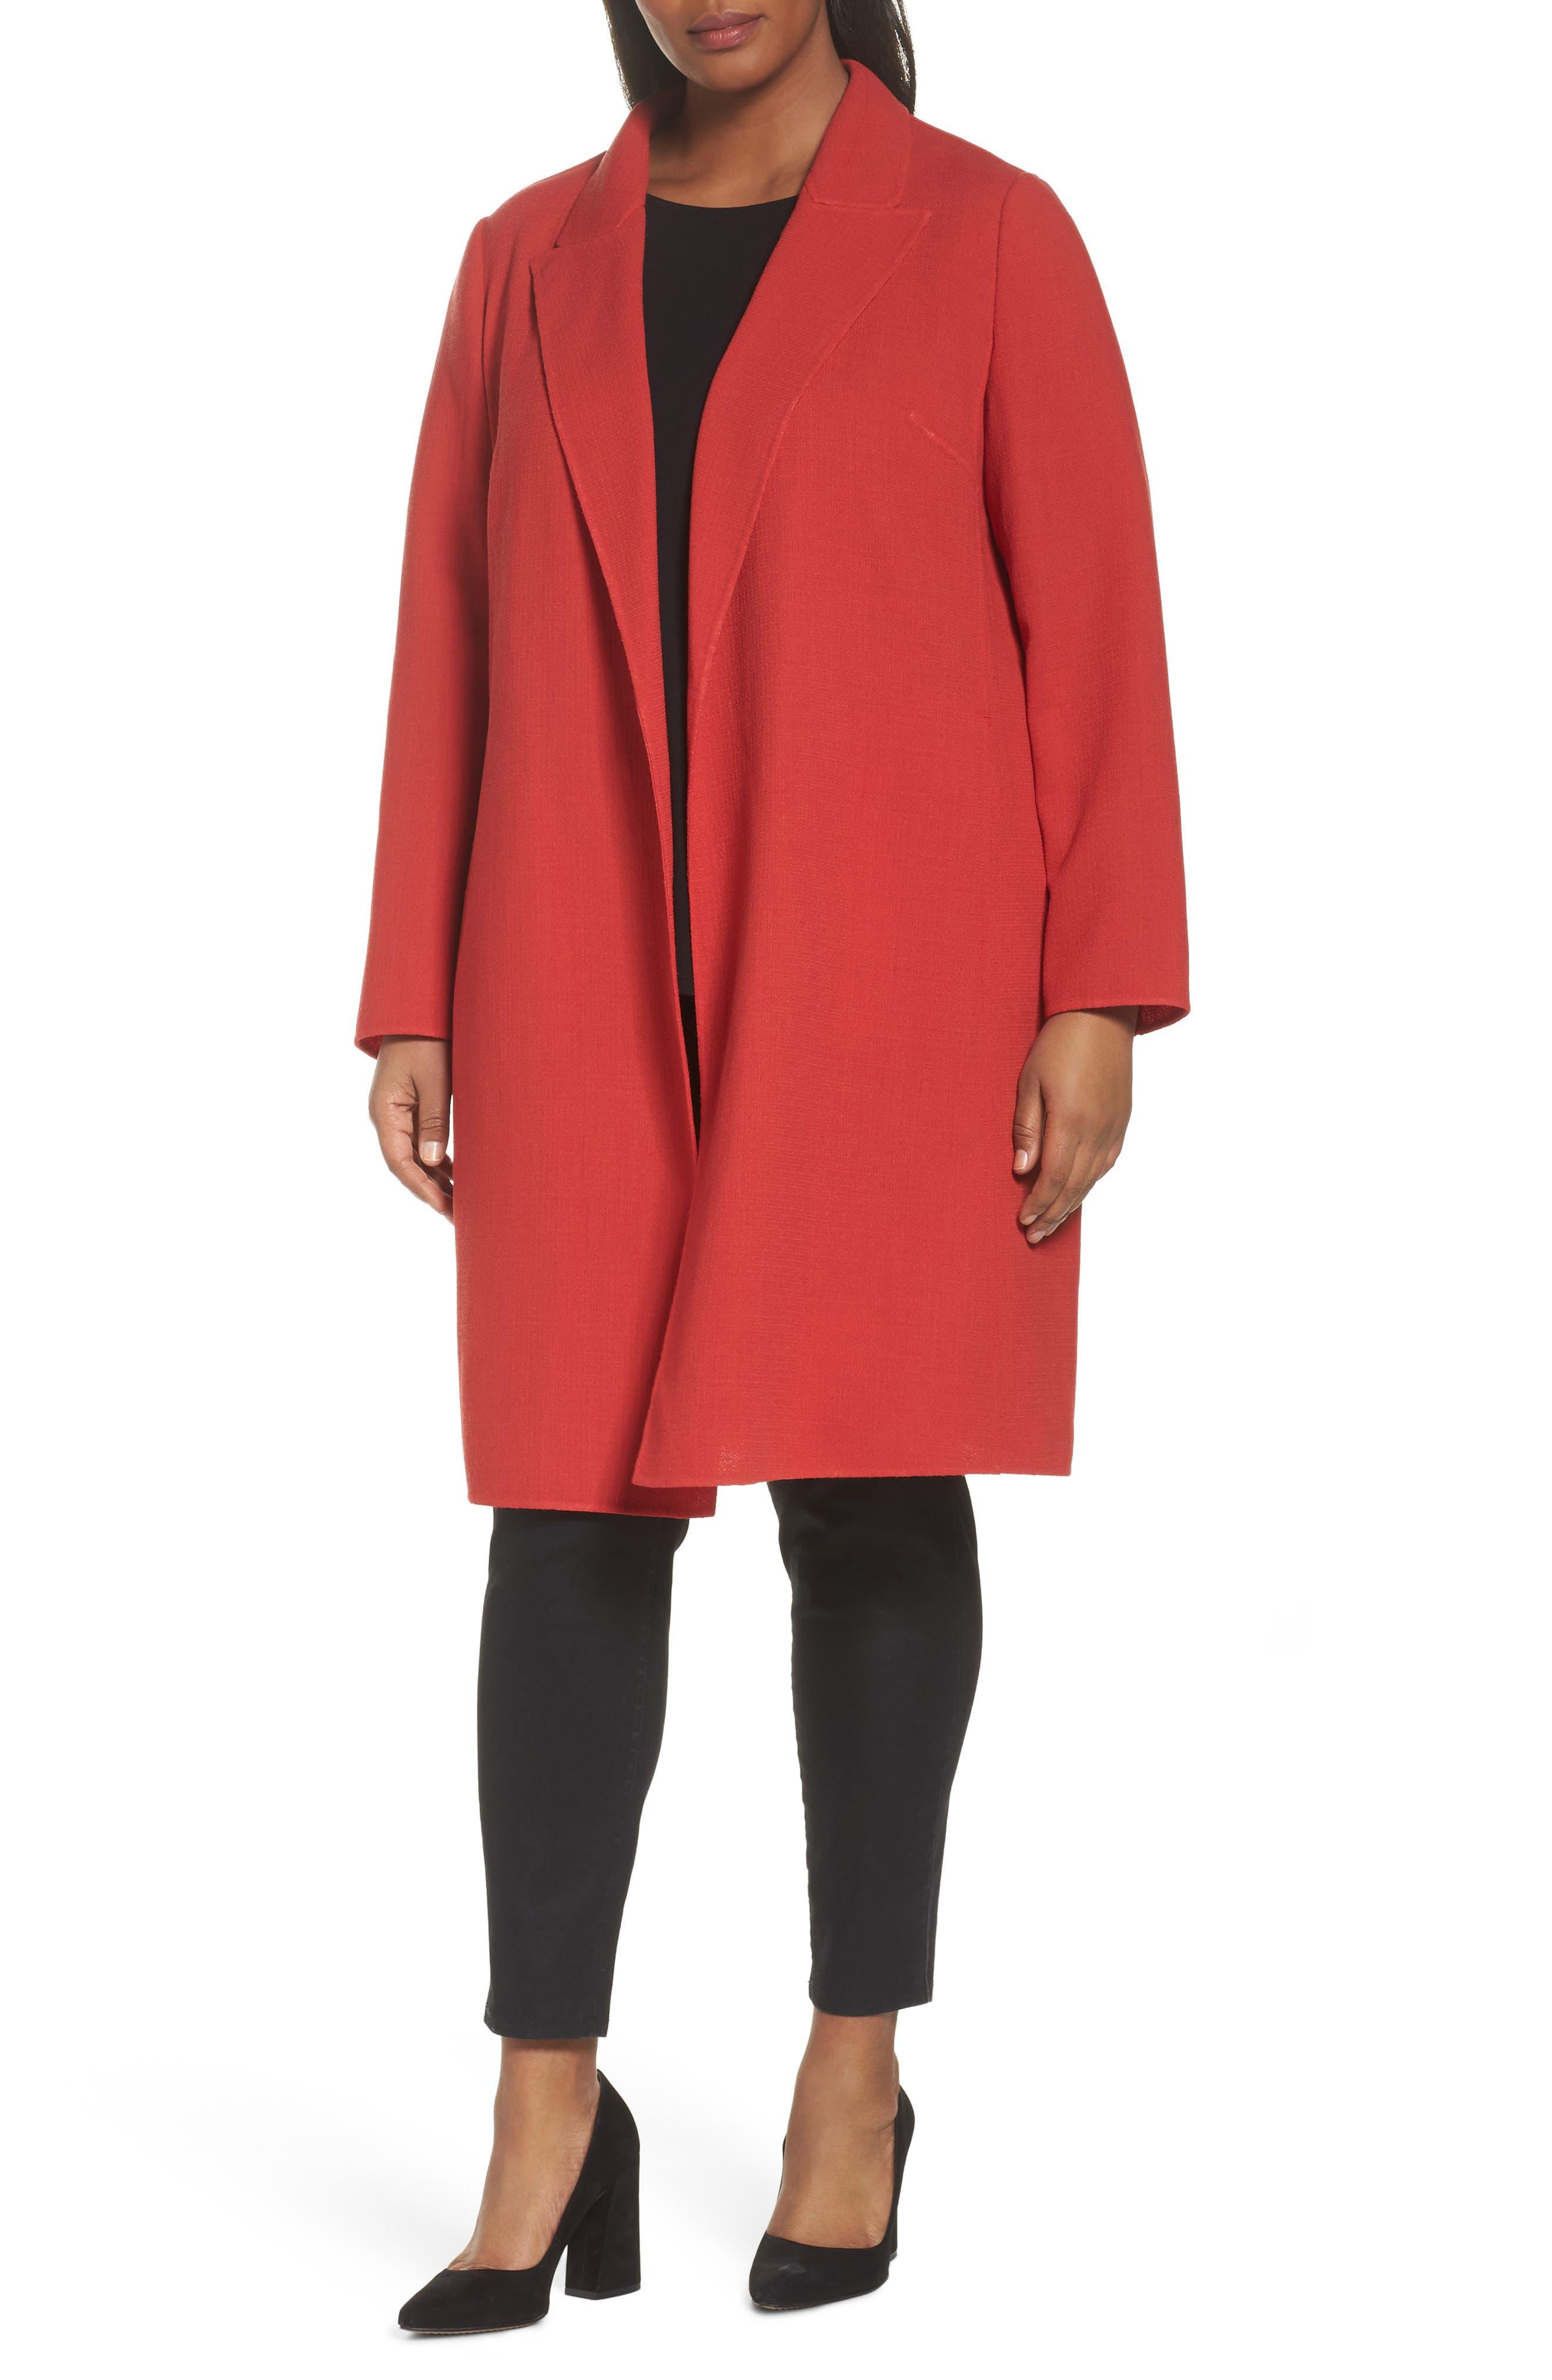 Carmelle Nouveau Crepe Jacket,                         Main,                         color, Persimmon